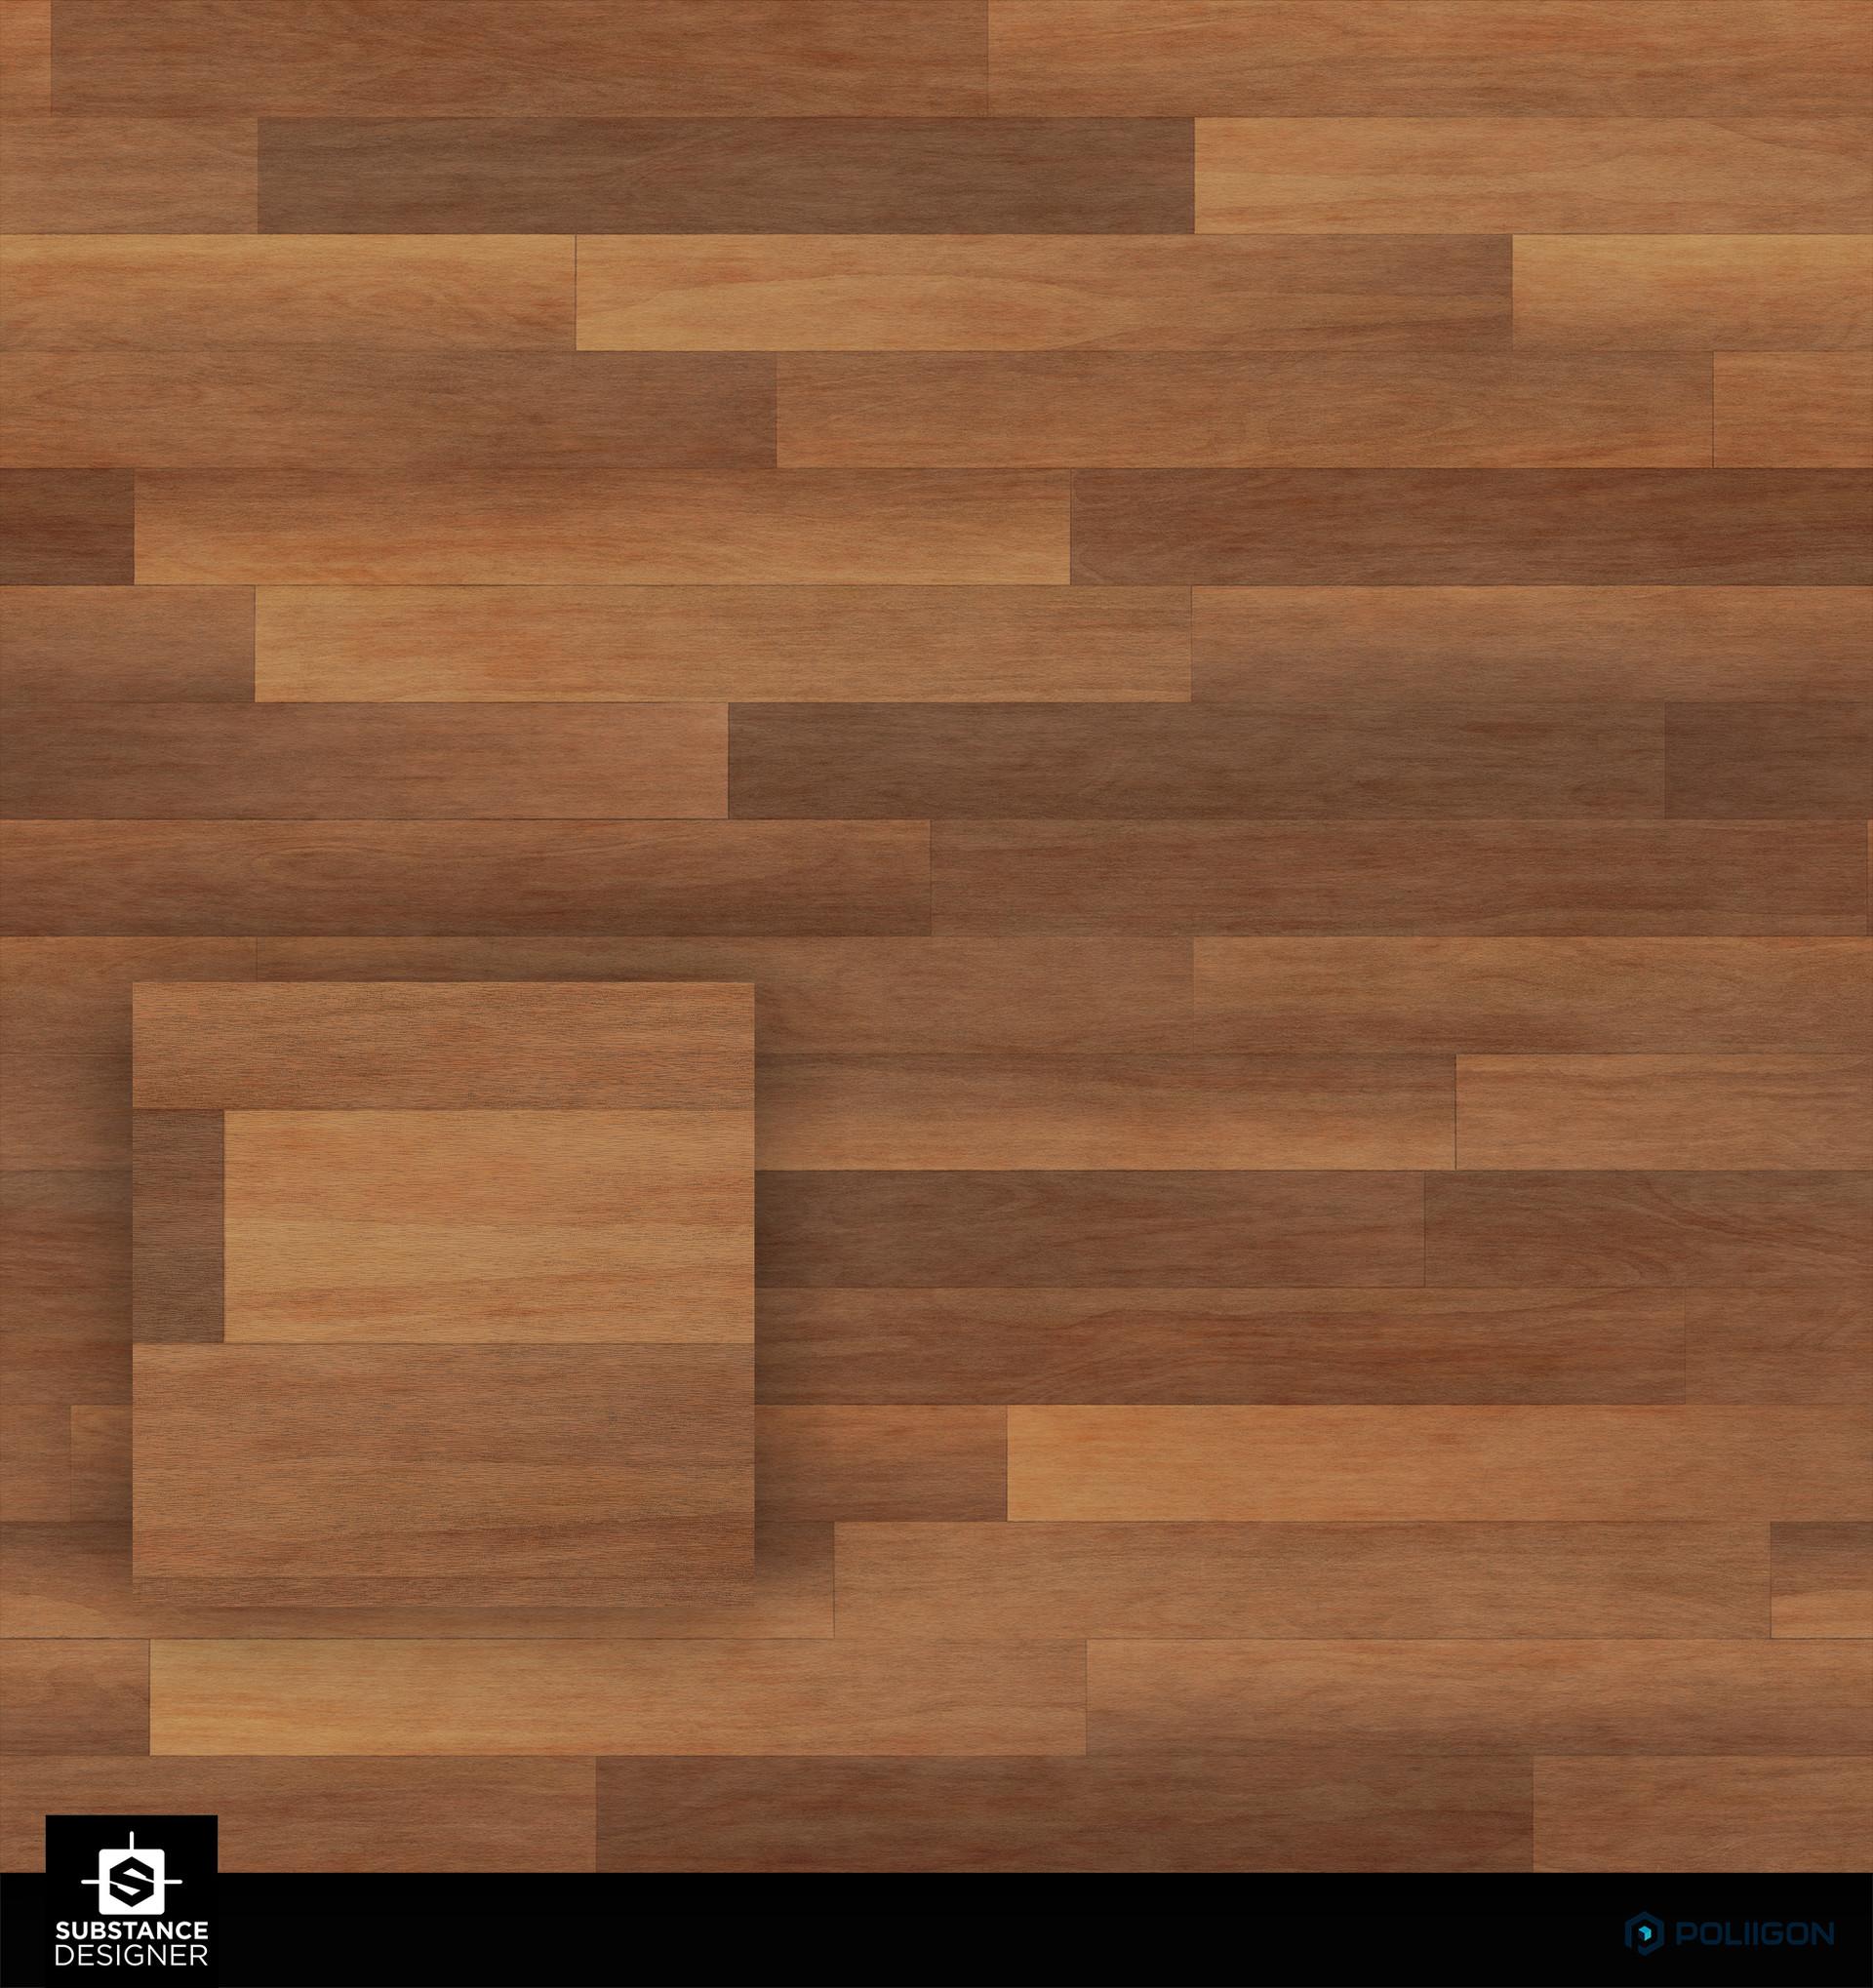 Guilherme henrique plank cleanmedium